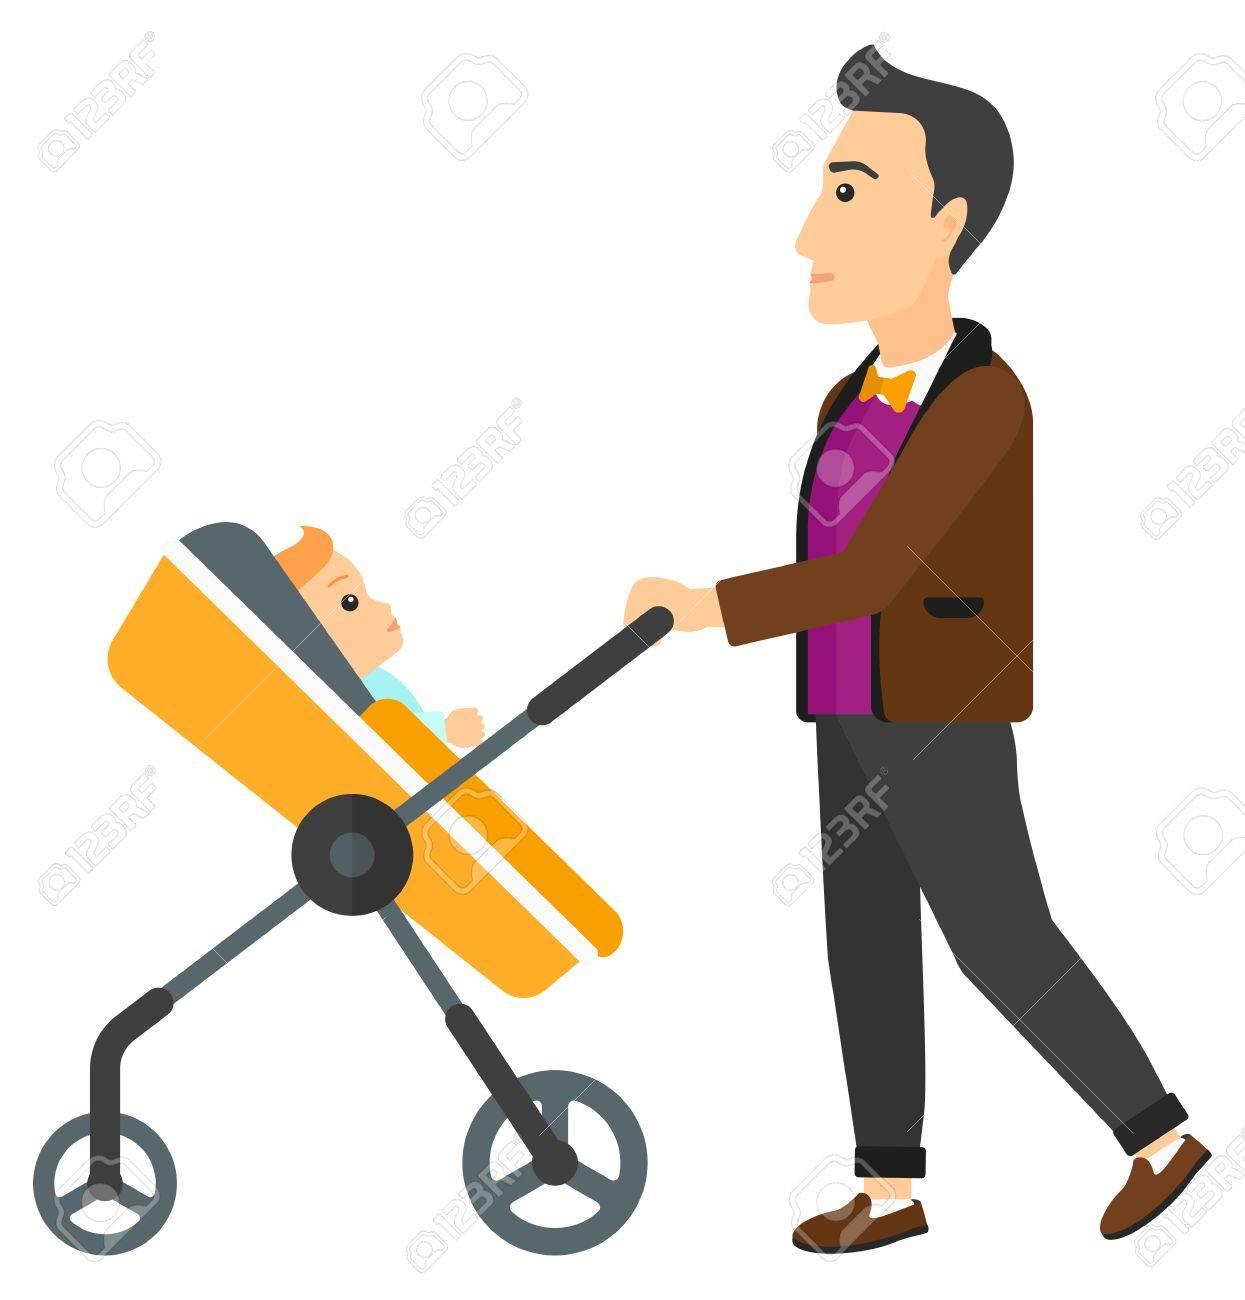 Padre con el bebé en cochecito. Padre joven empujando bebé en cochecito de niño con la botella de leche.